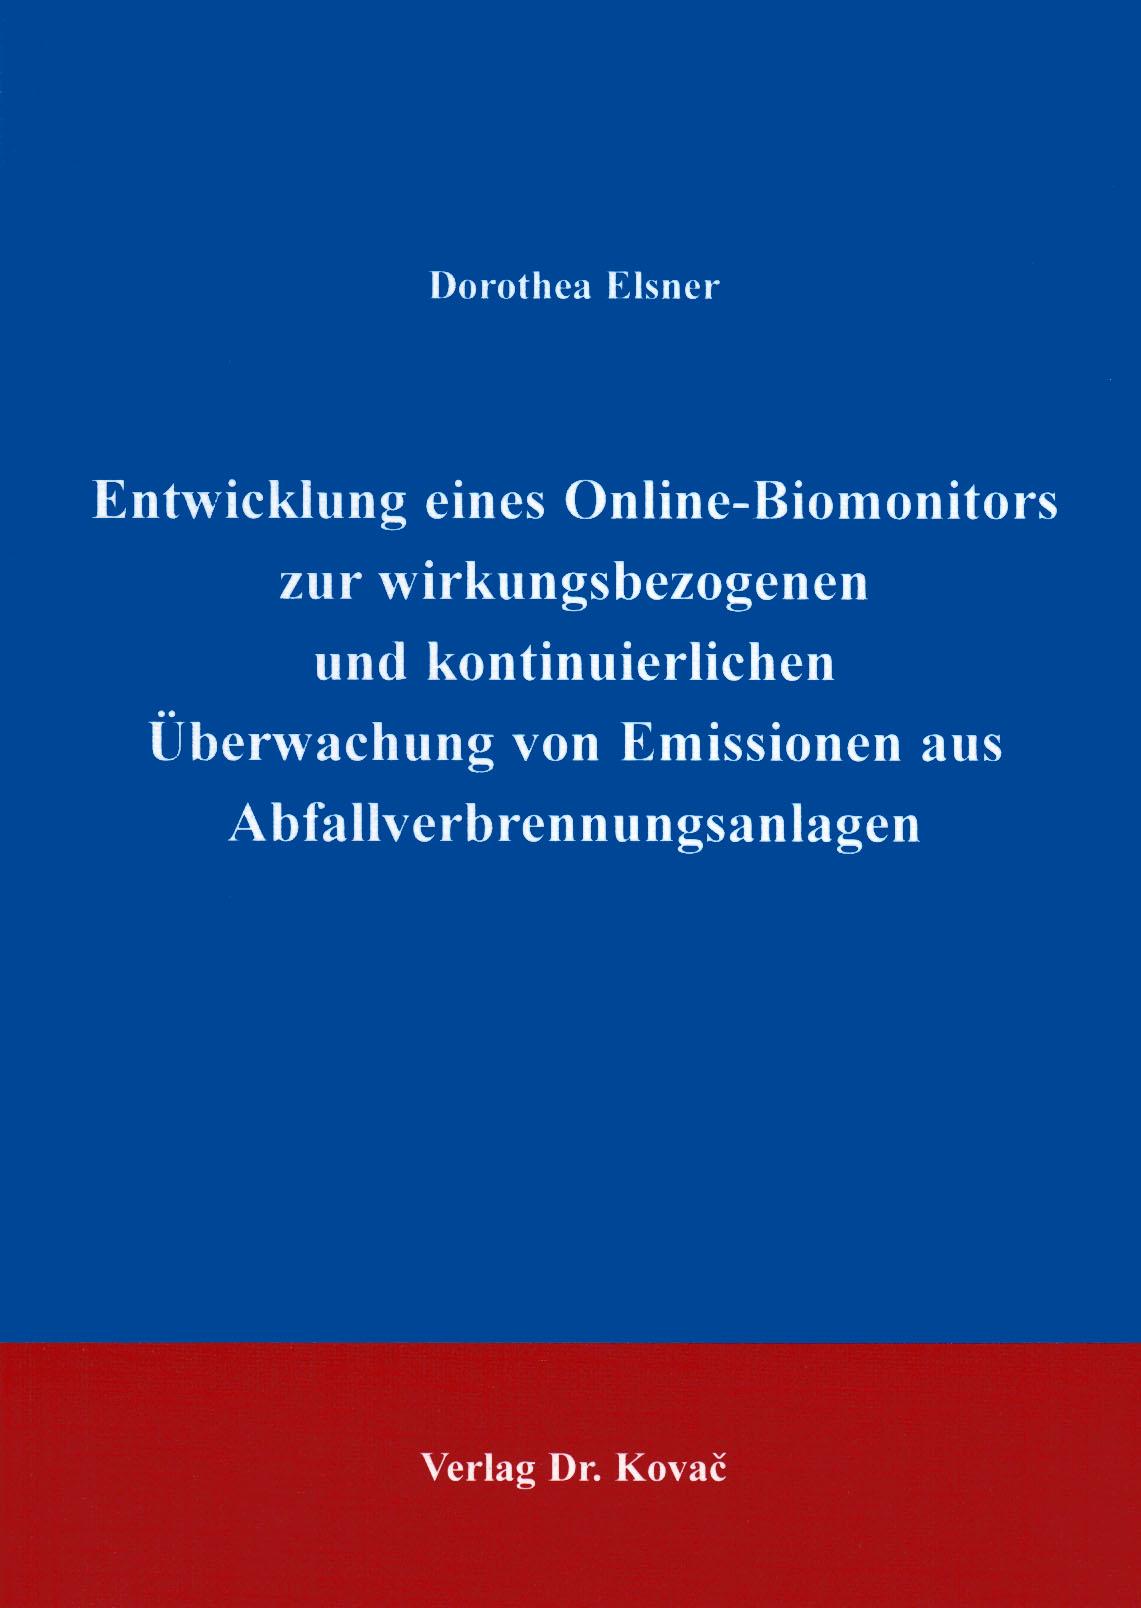 Cover: Entwicklung eines Online-Biomonitors zur wirkungsbezogenen und kontinuierlichen Überwachung von Emissionen aus Abfallverbrennungsanlagen